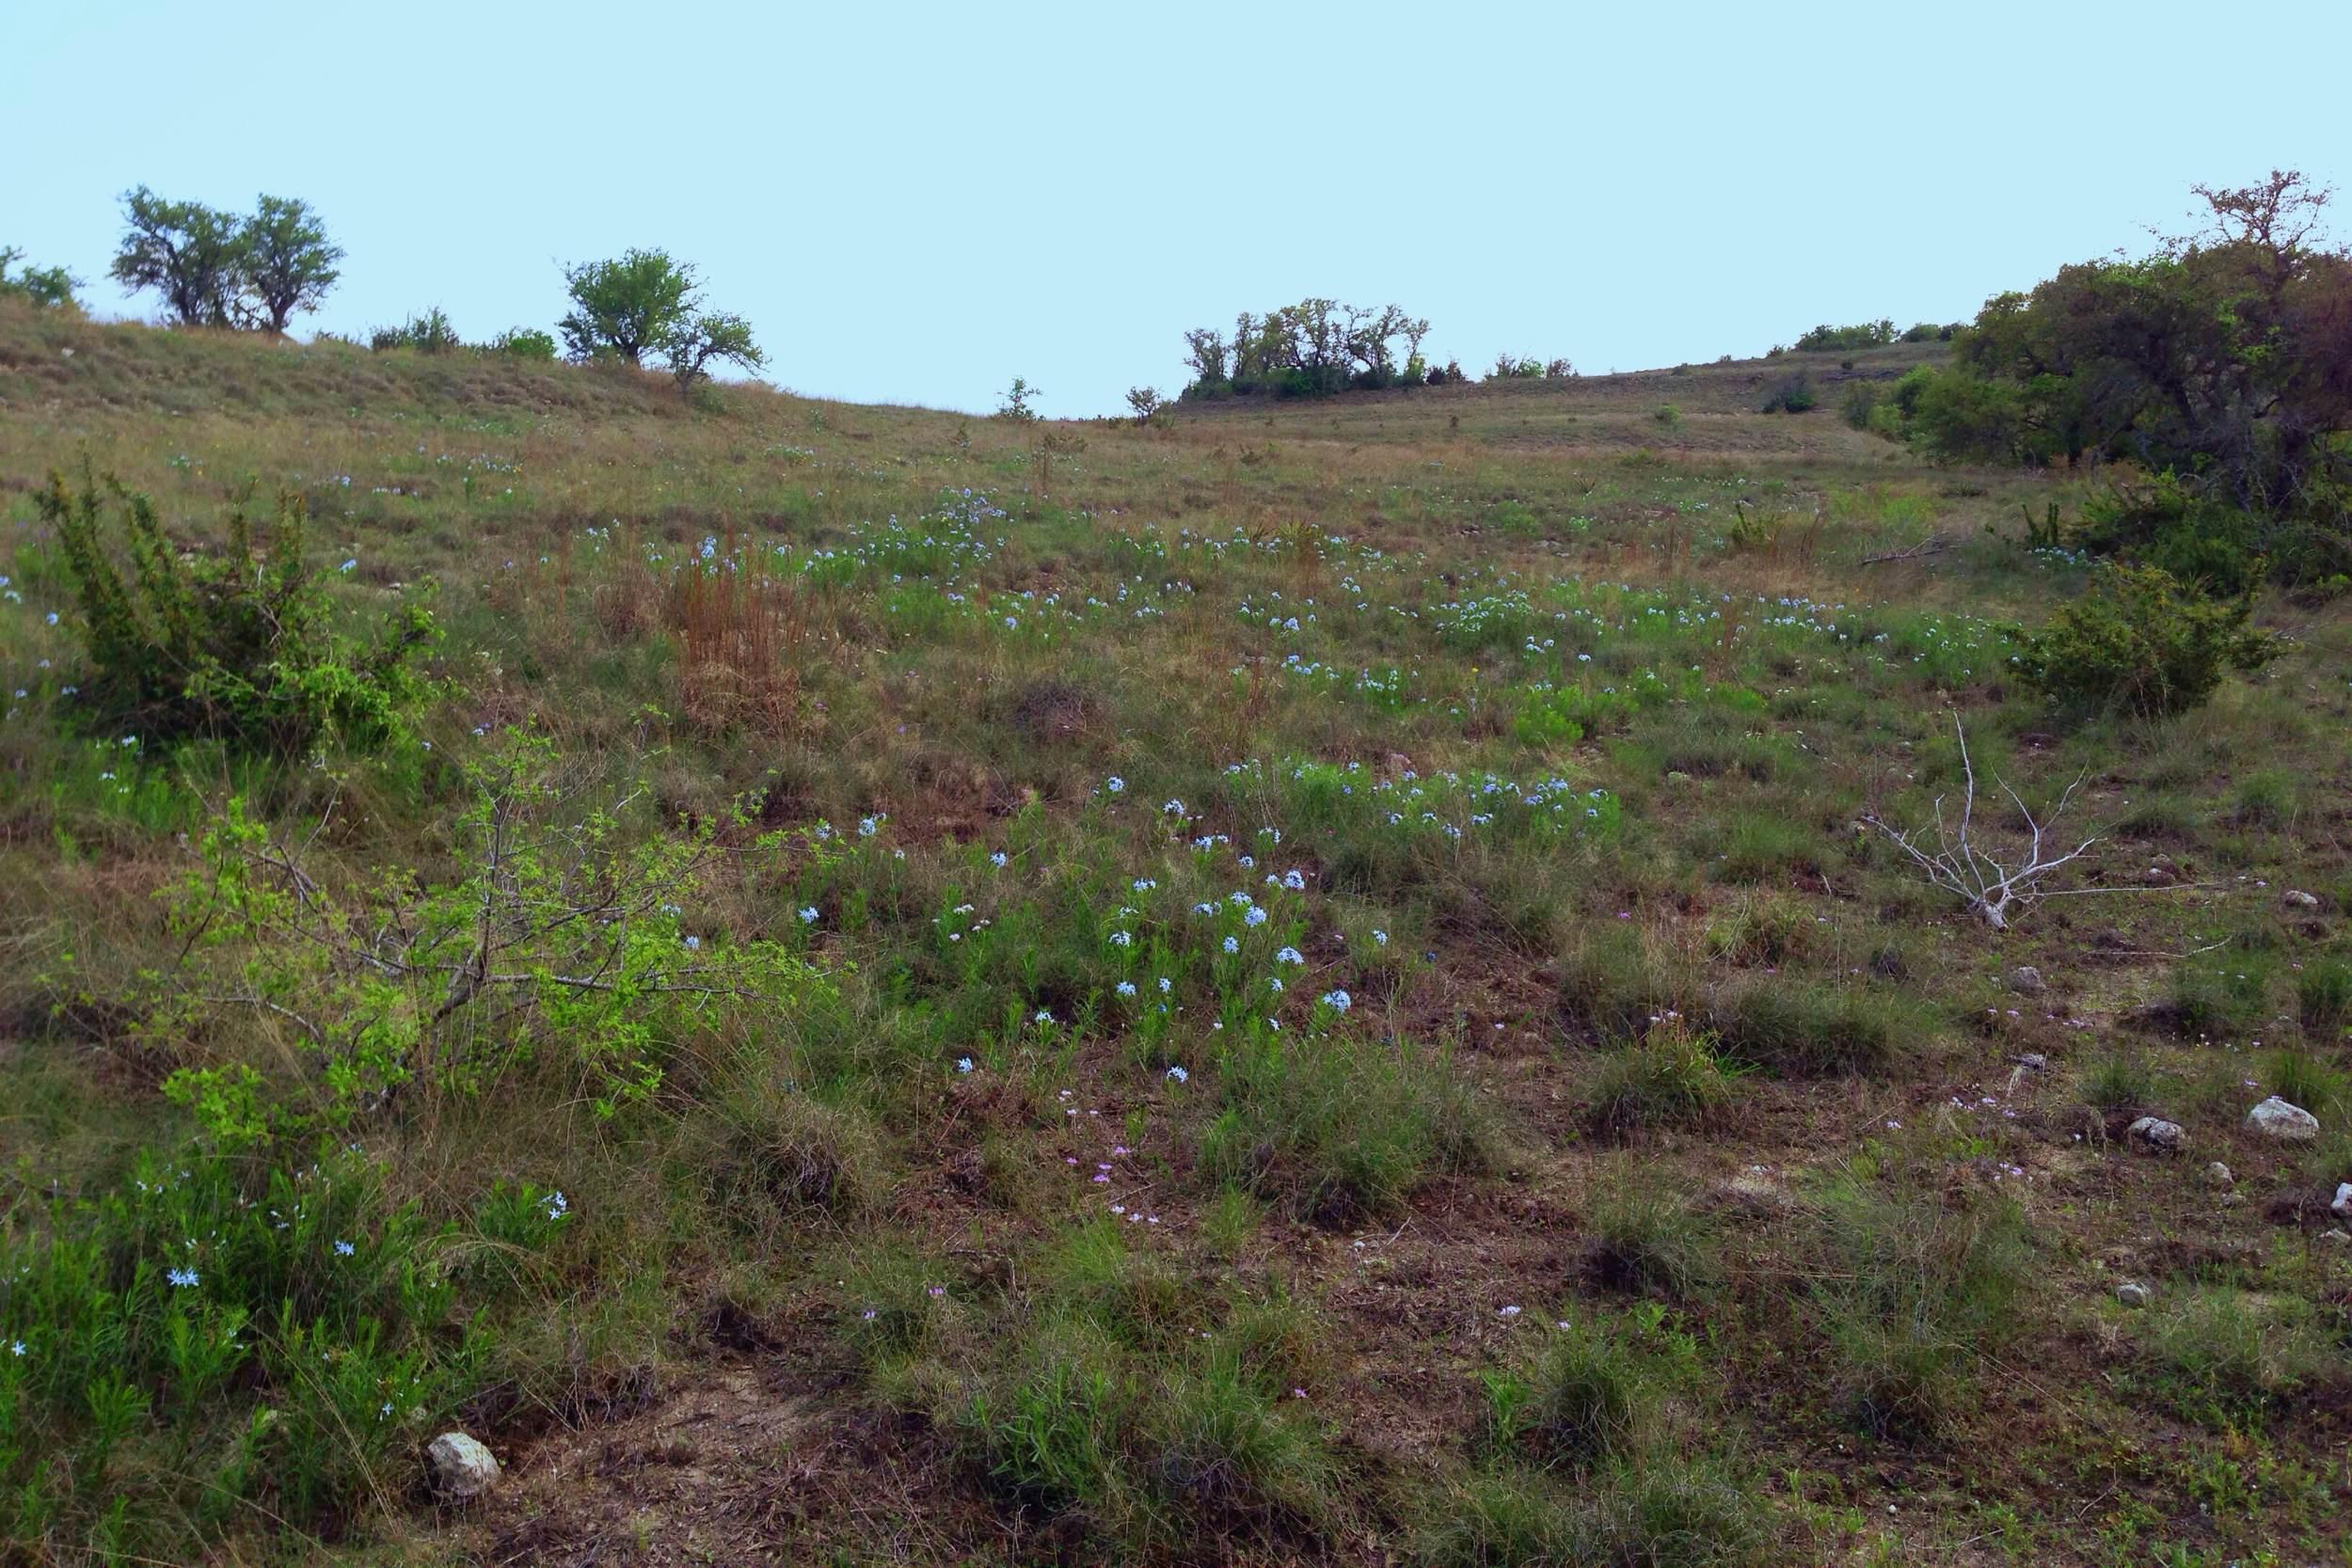 Field of Amsonia ciliata, Fringed bluestar